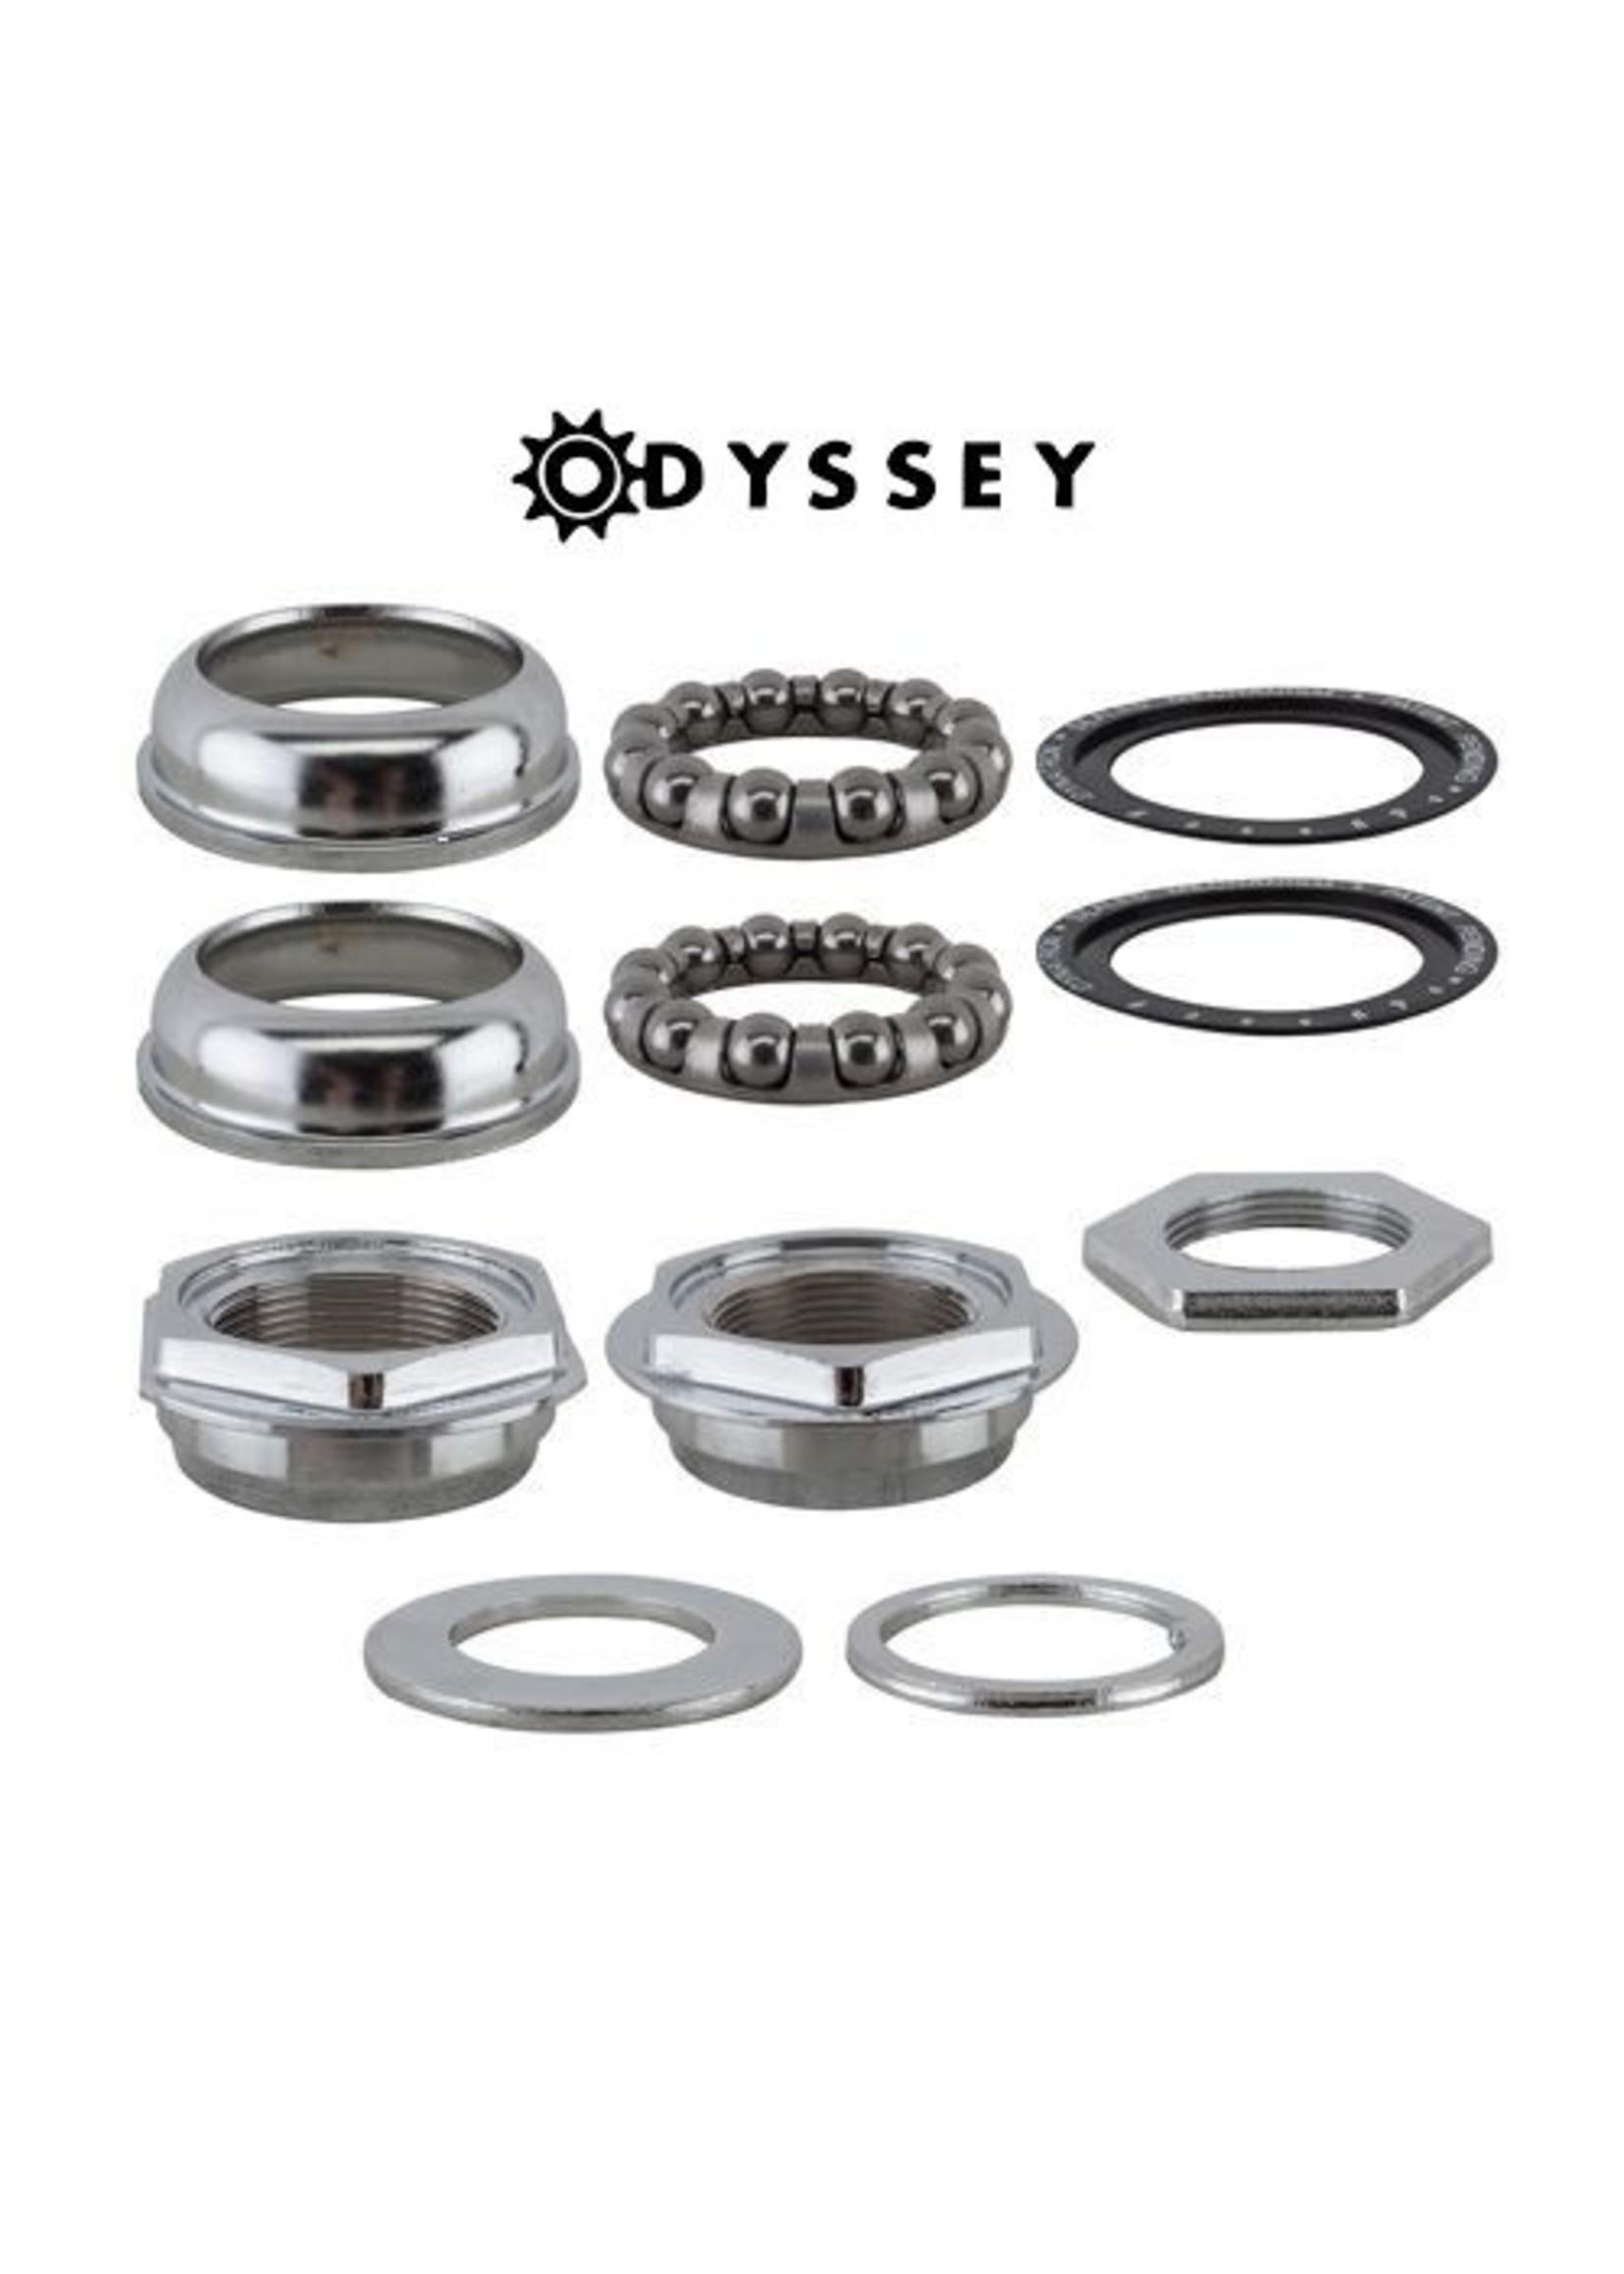 Odyssey Odyssey Bottom Bracket Cup Set Mx Dynatron